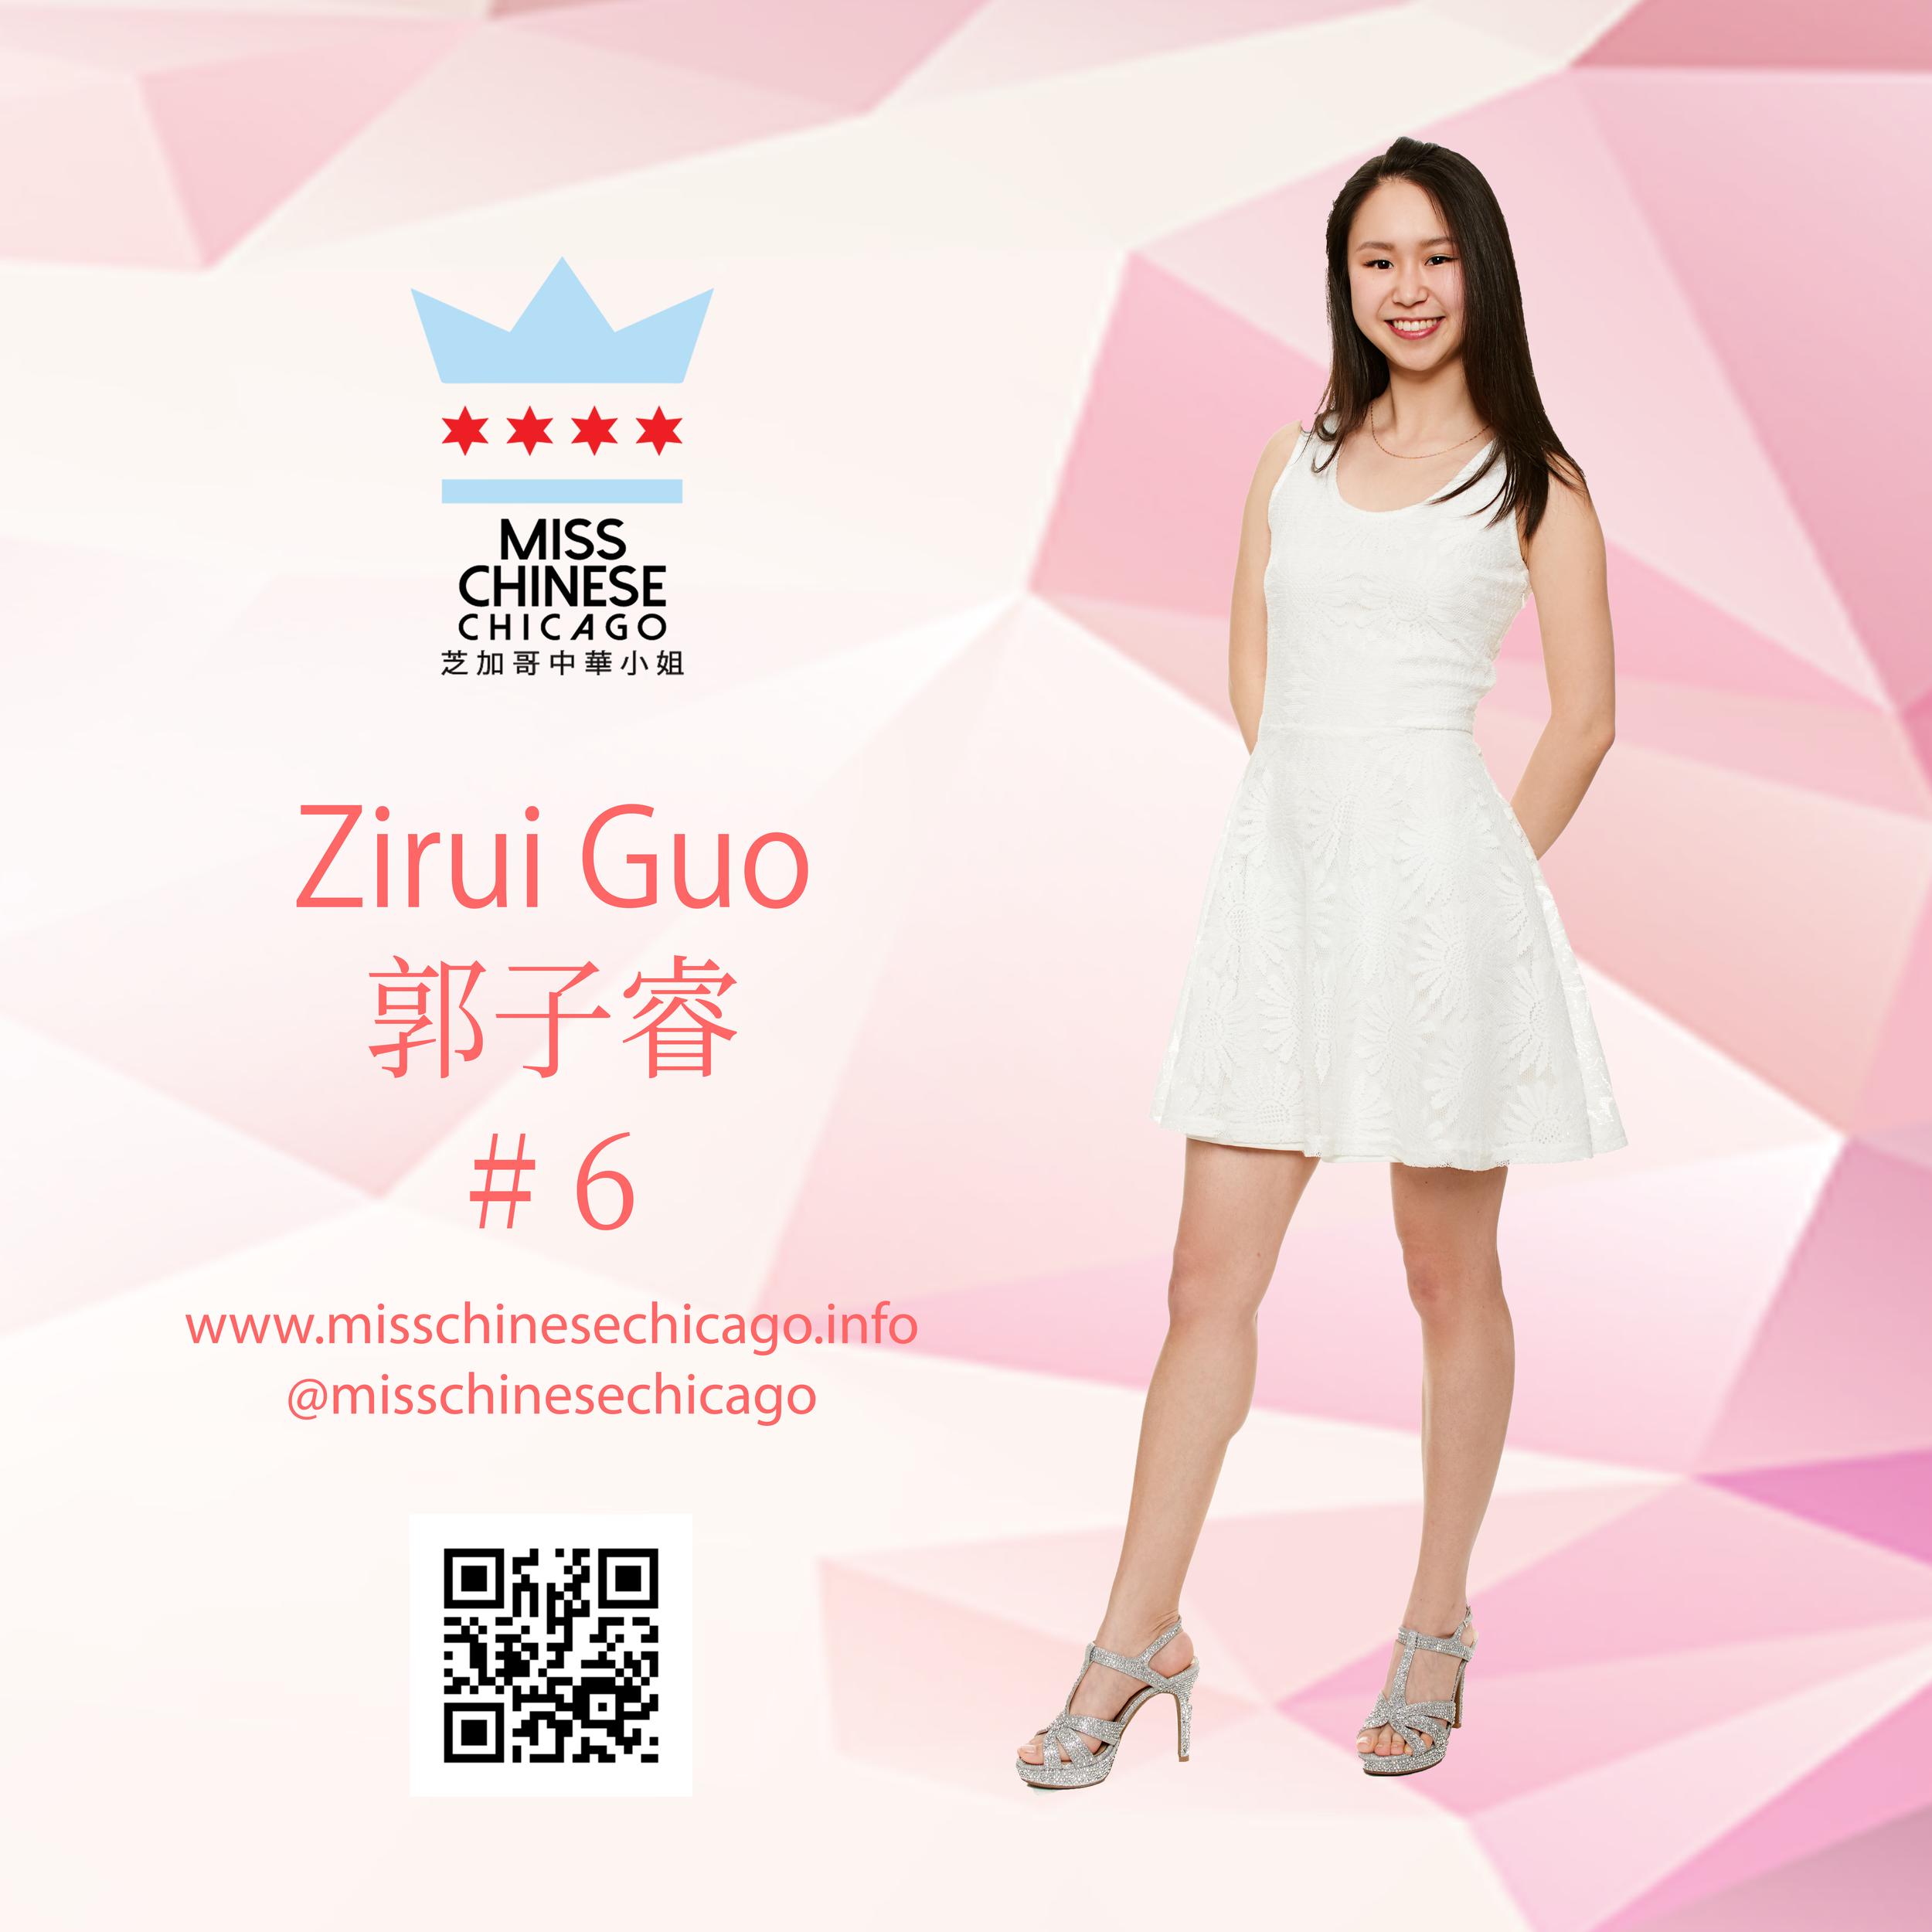 Zirui_Guo_Personality_IG.png